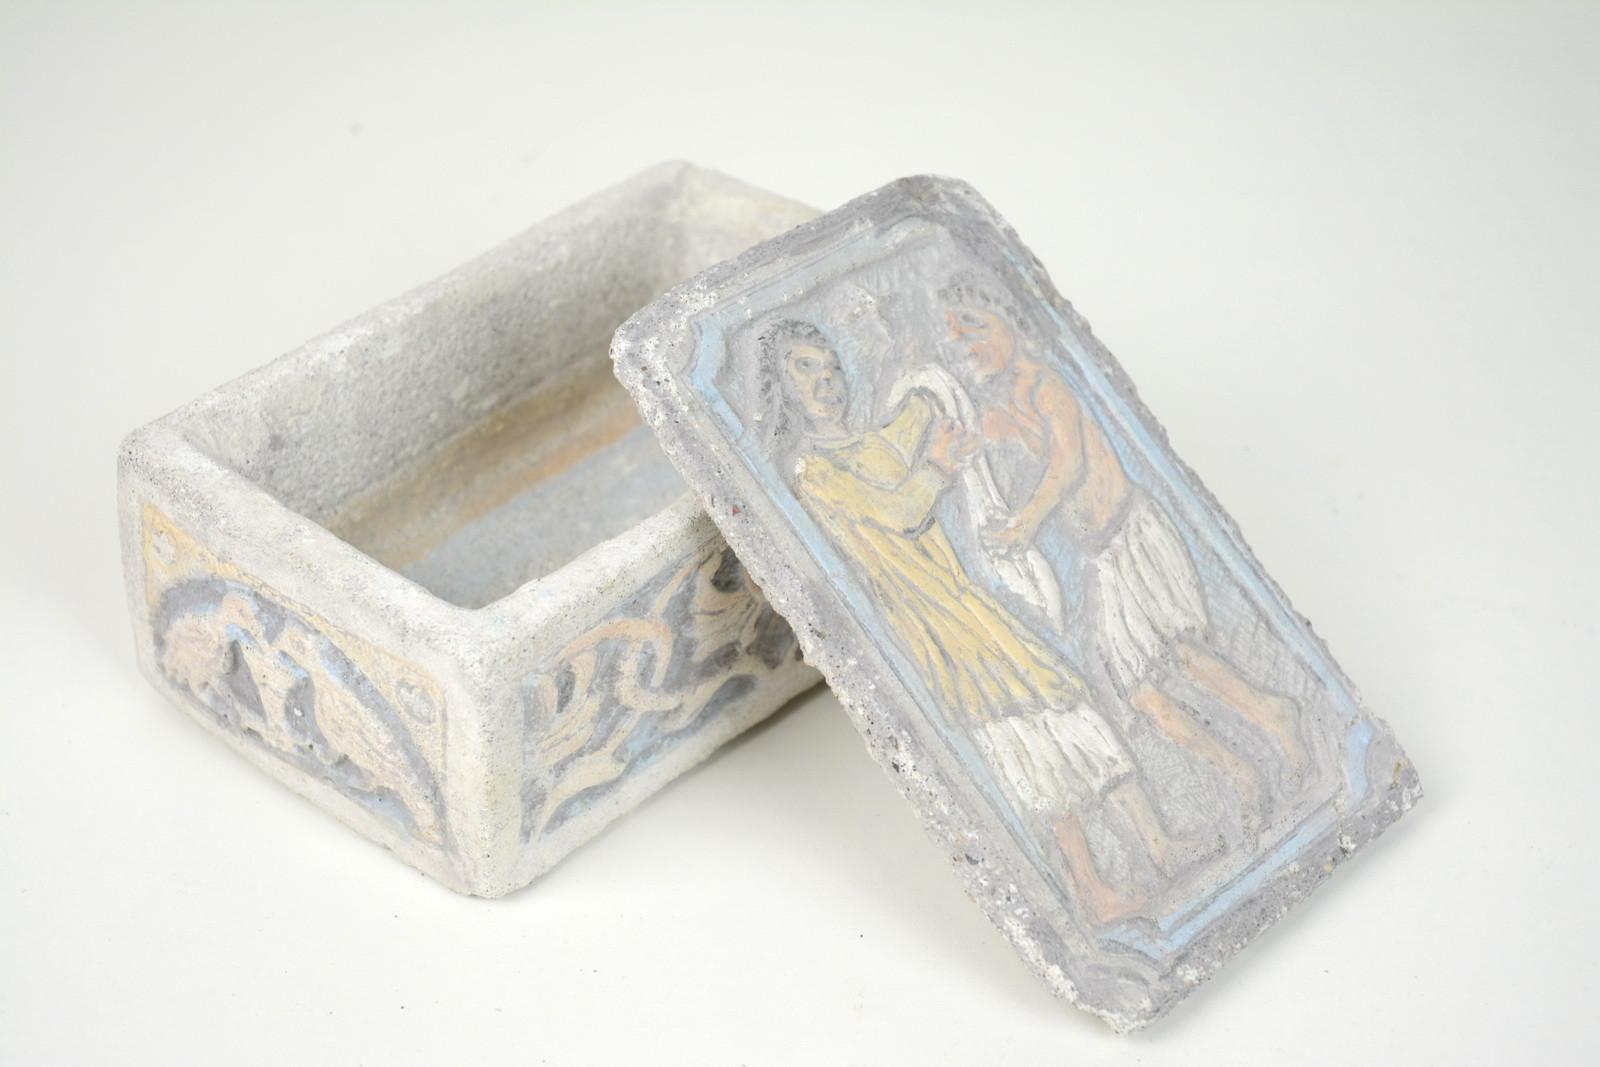 scatola-in-pietra-di-montovolo-zabbini-4,2150.jpg?WebbinsCacheCounter=1